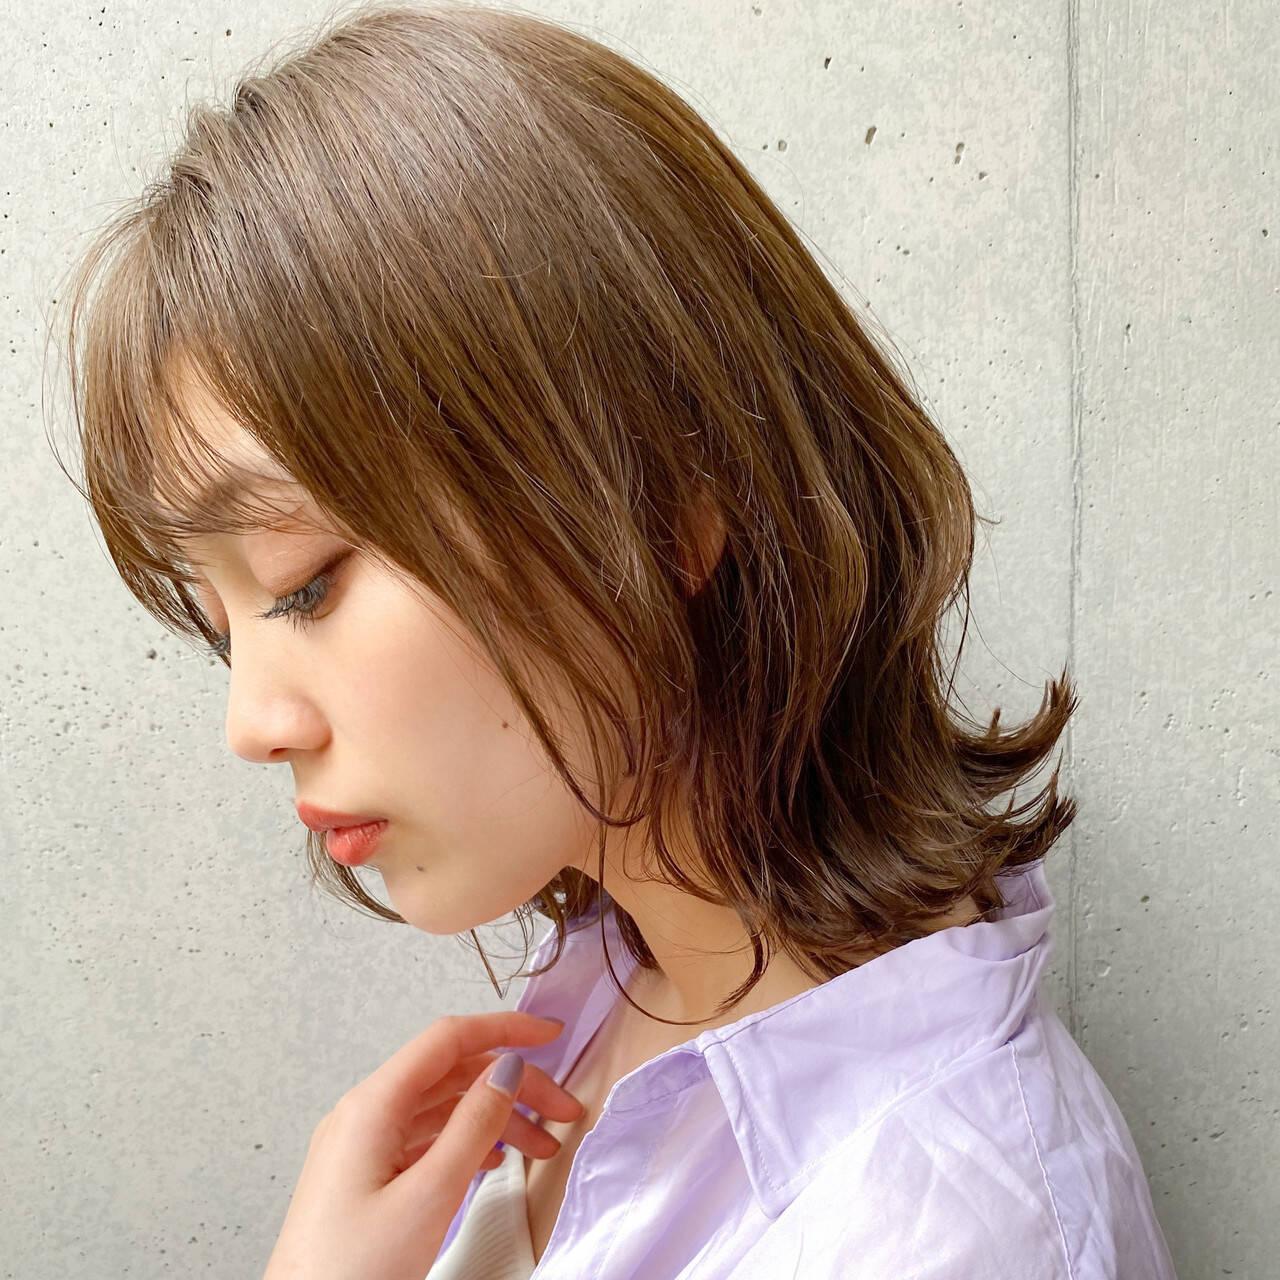 大人かわいい ナチュラル 簡単スタイリング 毛先パーマヘアスタイルや髪型の写真・画像